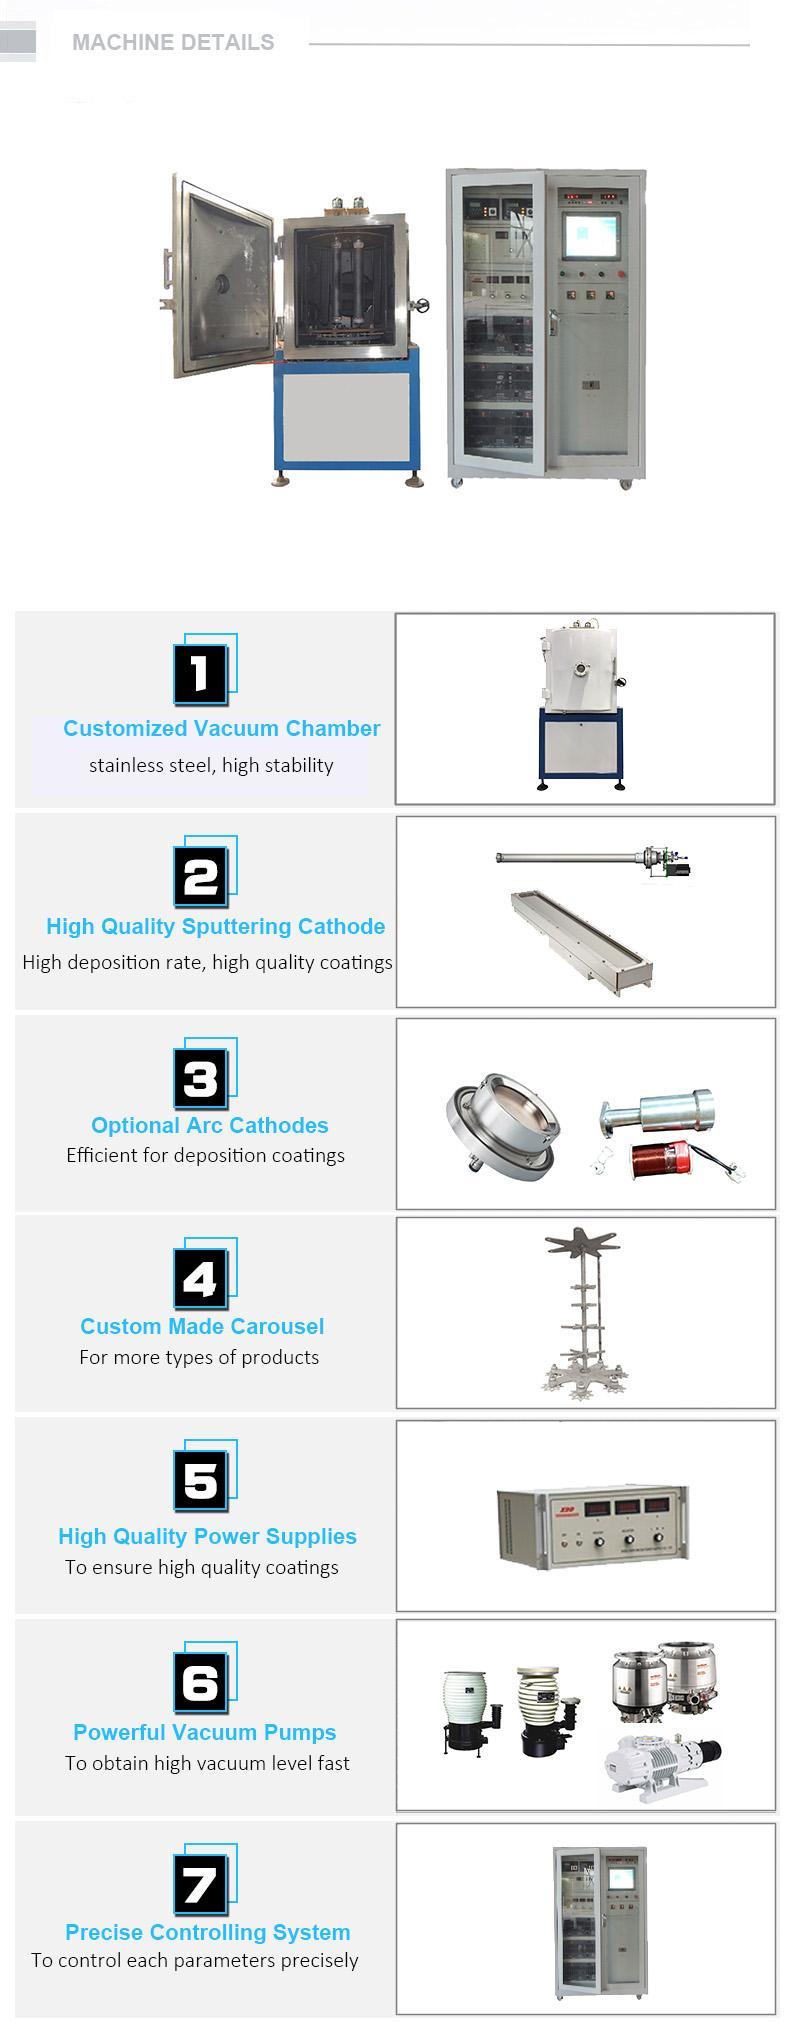 塑料配件高真空磁控溅射镀膜设备 5